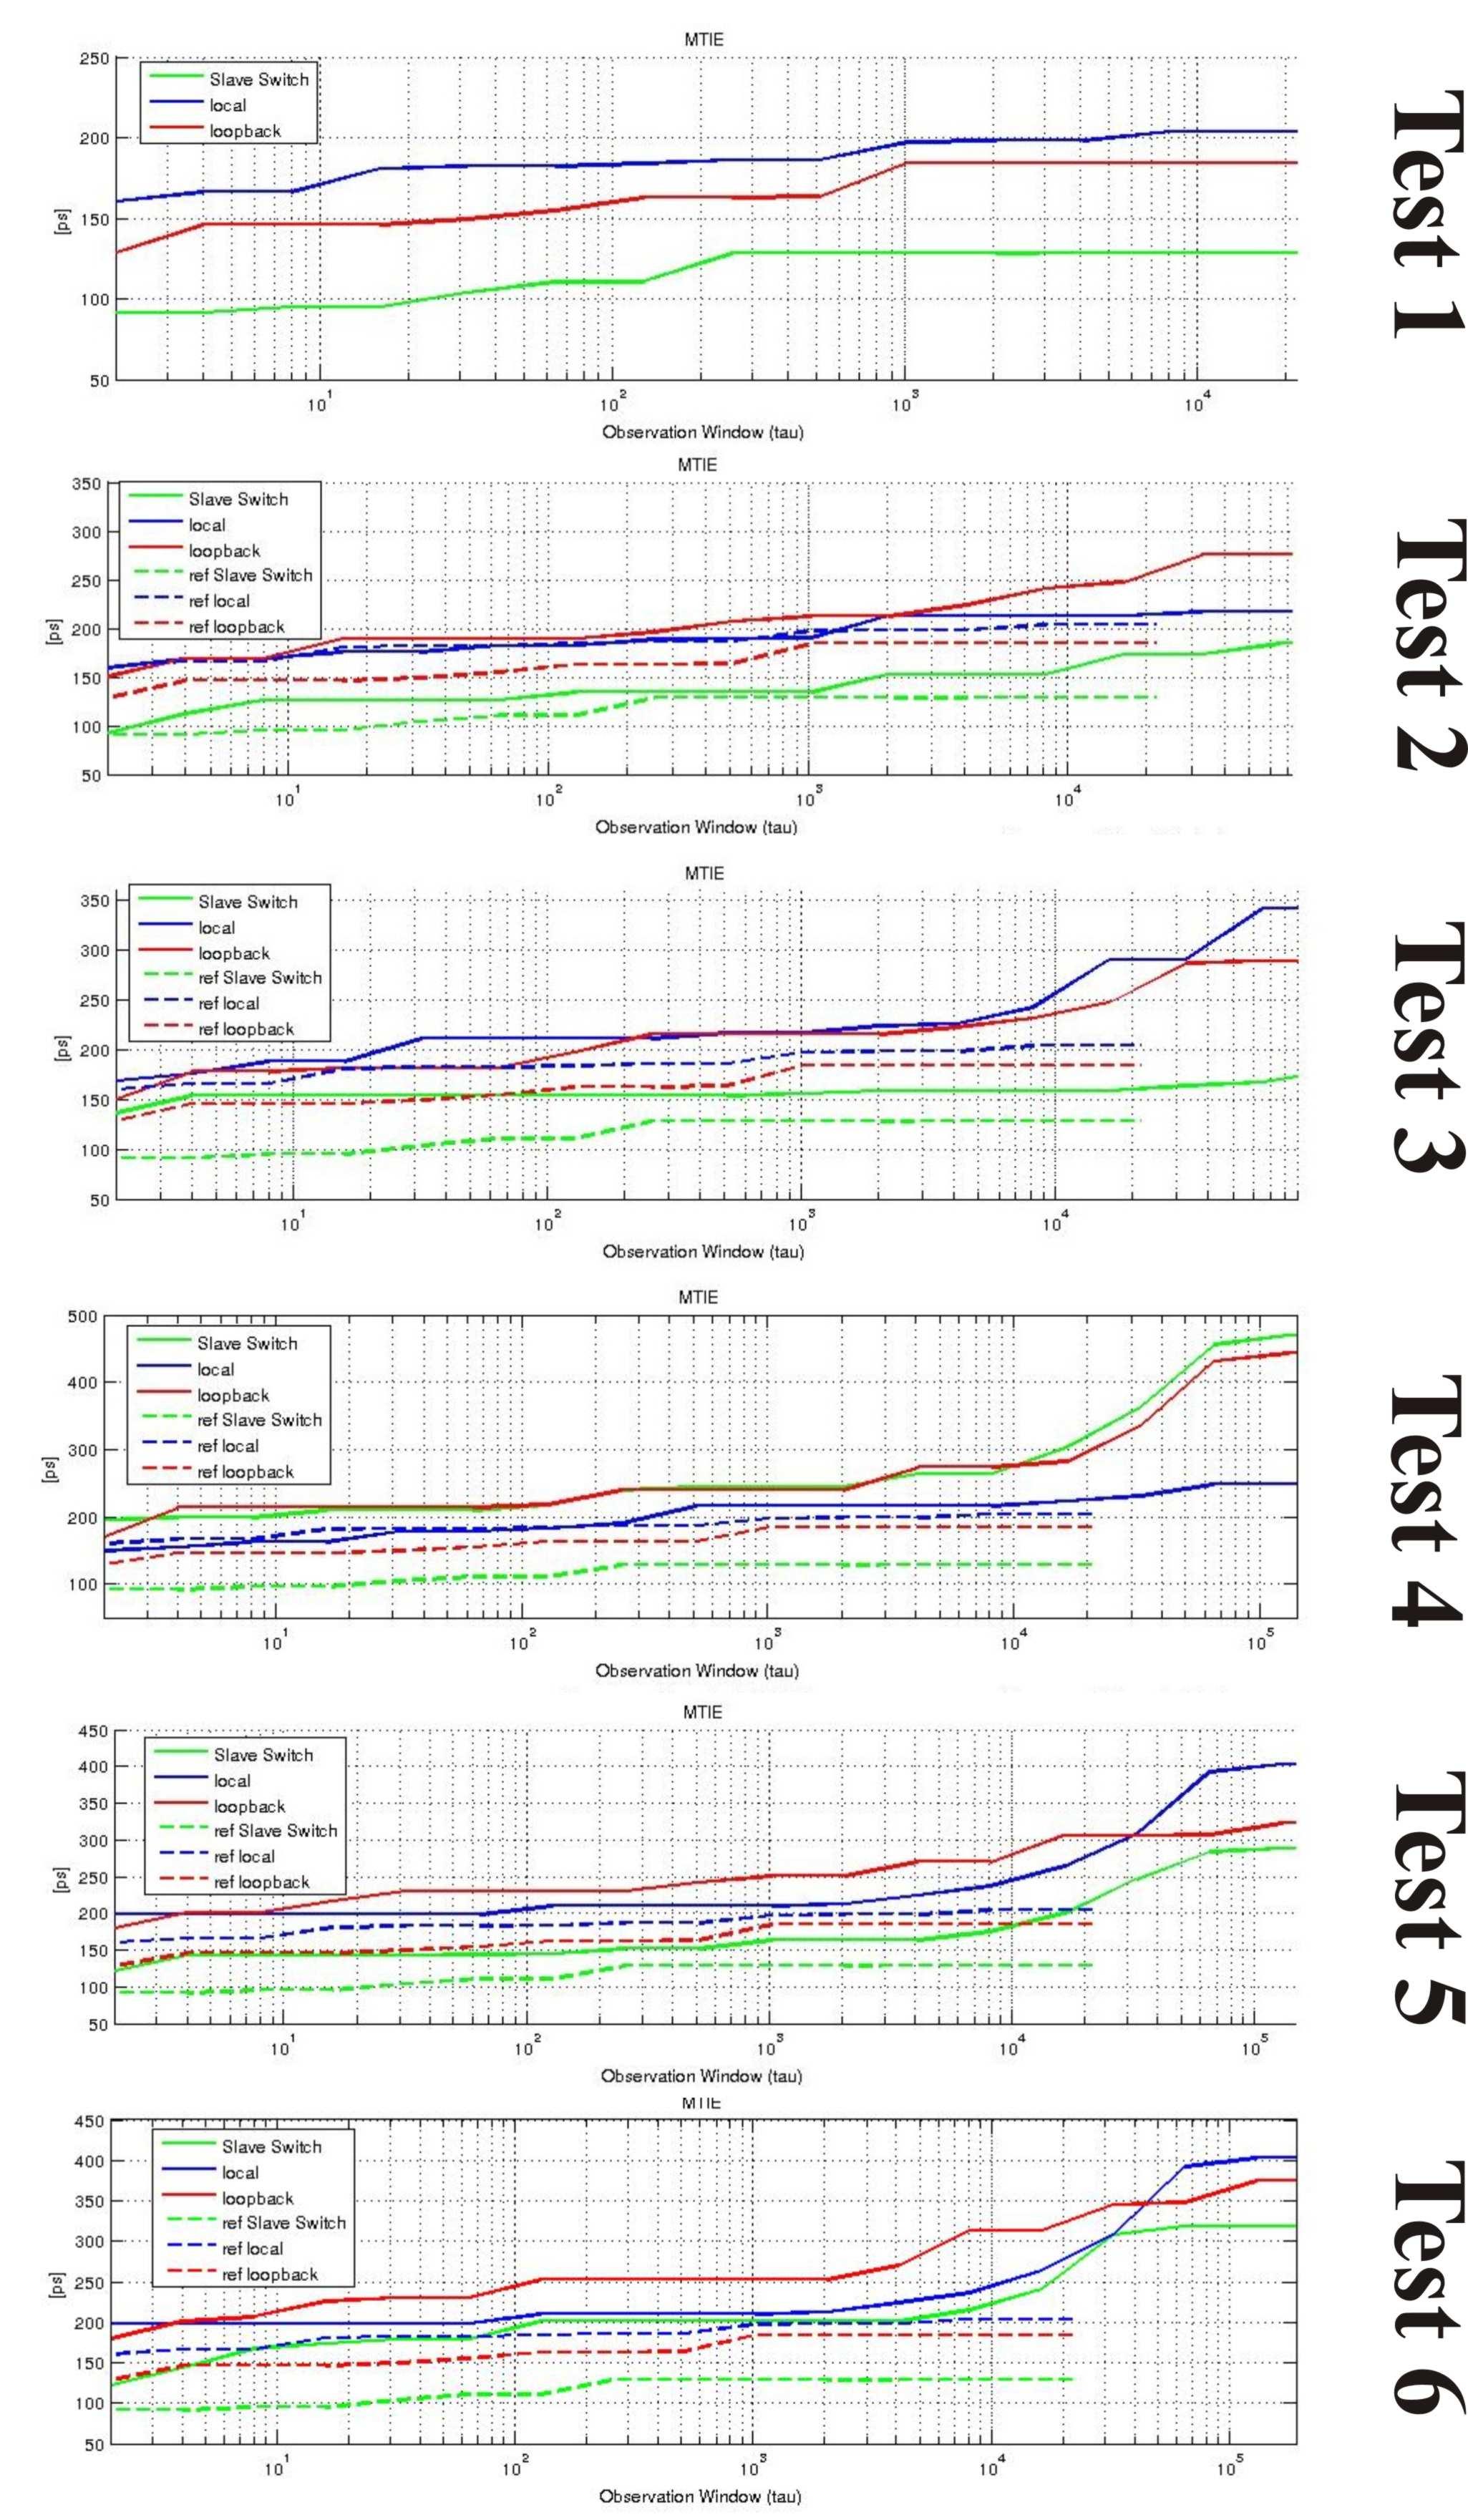 figures/measurements/TortureReport_2012/allMtie.jpg